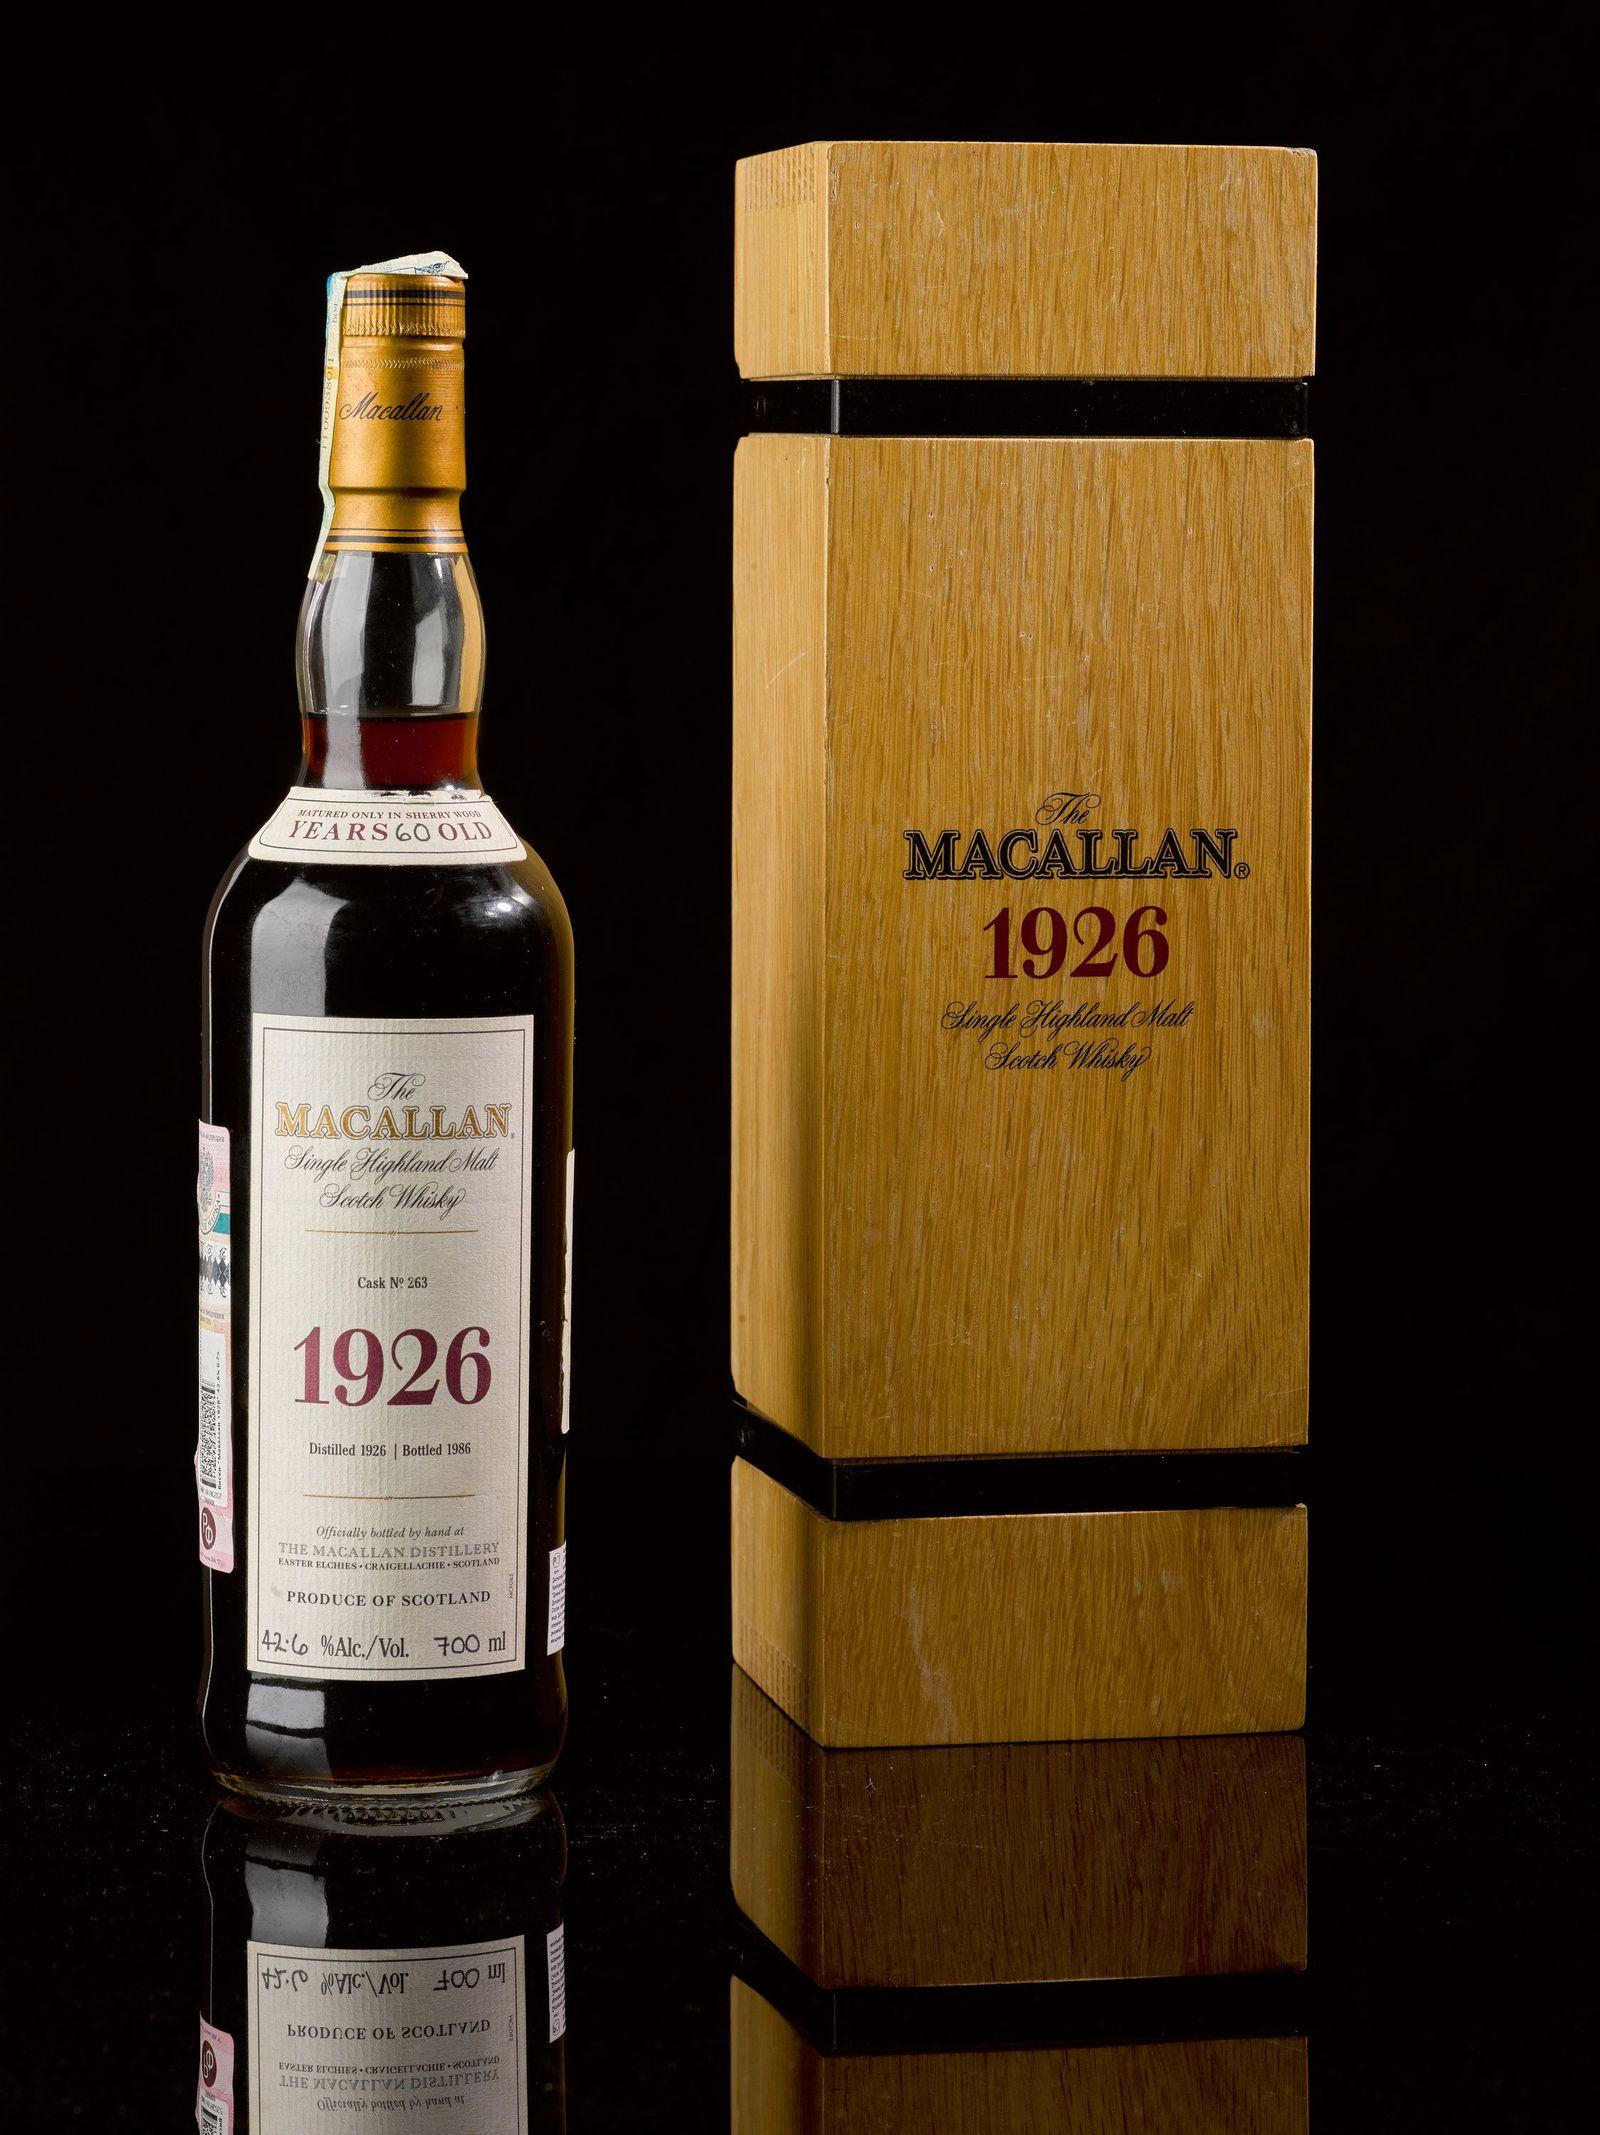 Flasche Scotch für 1,7 Millionen Euro versteigert